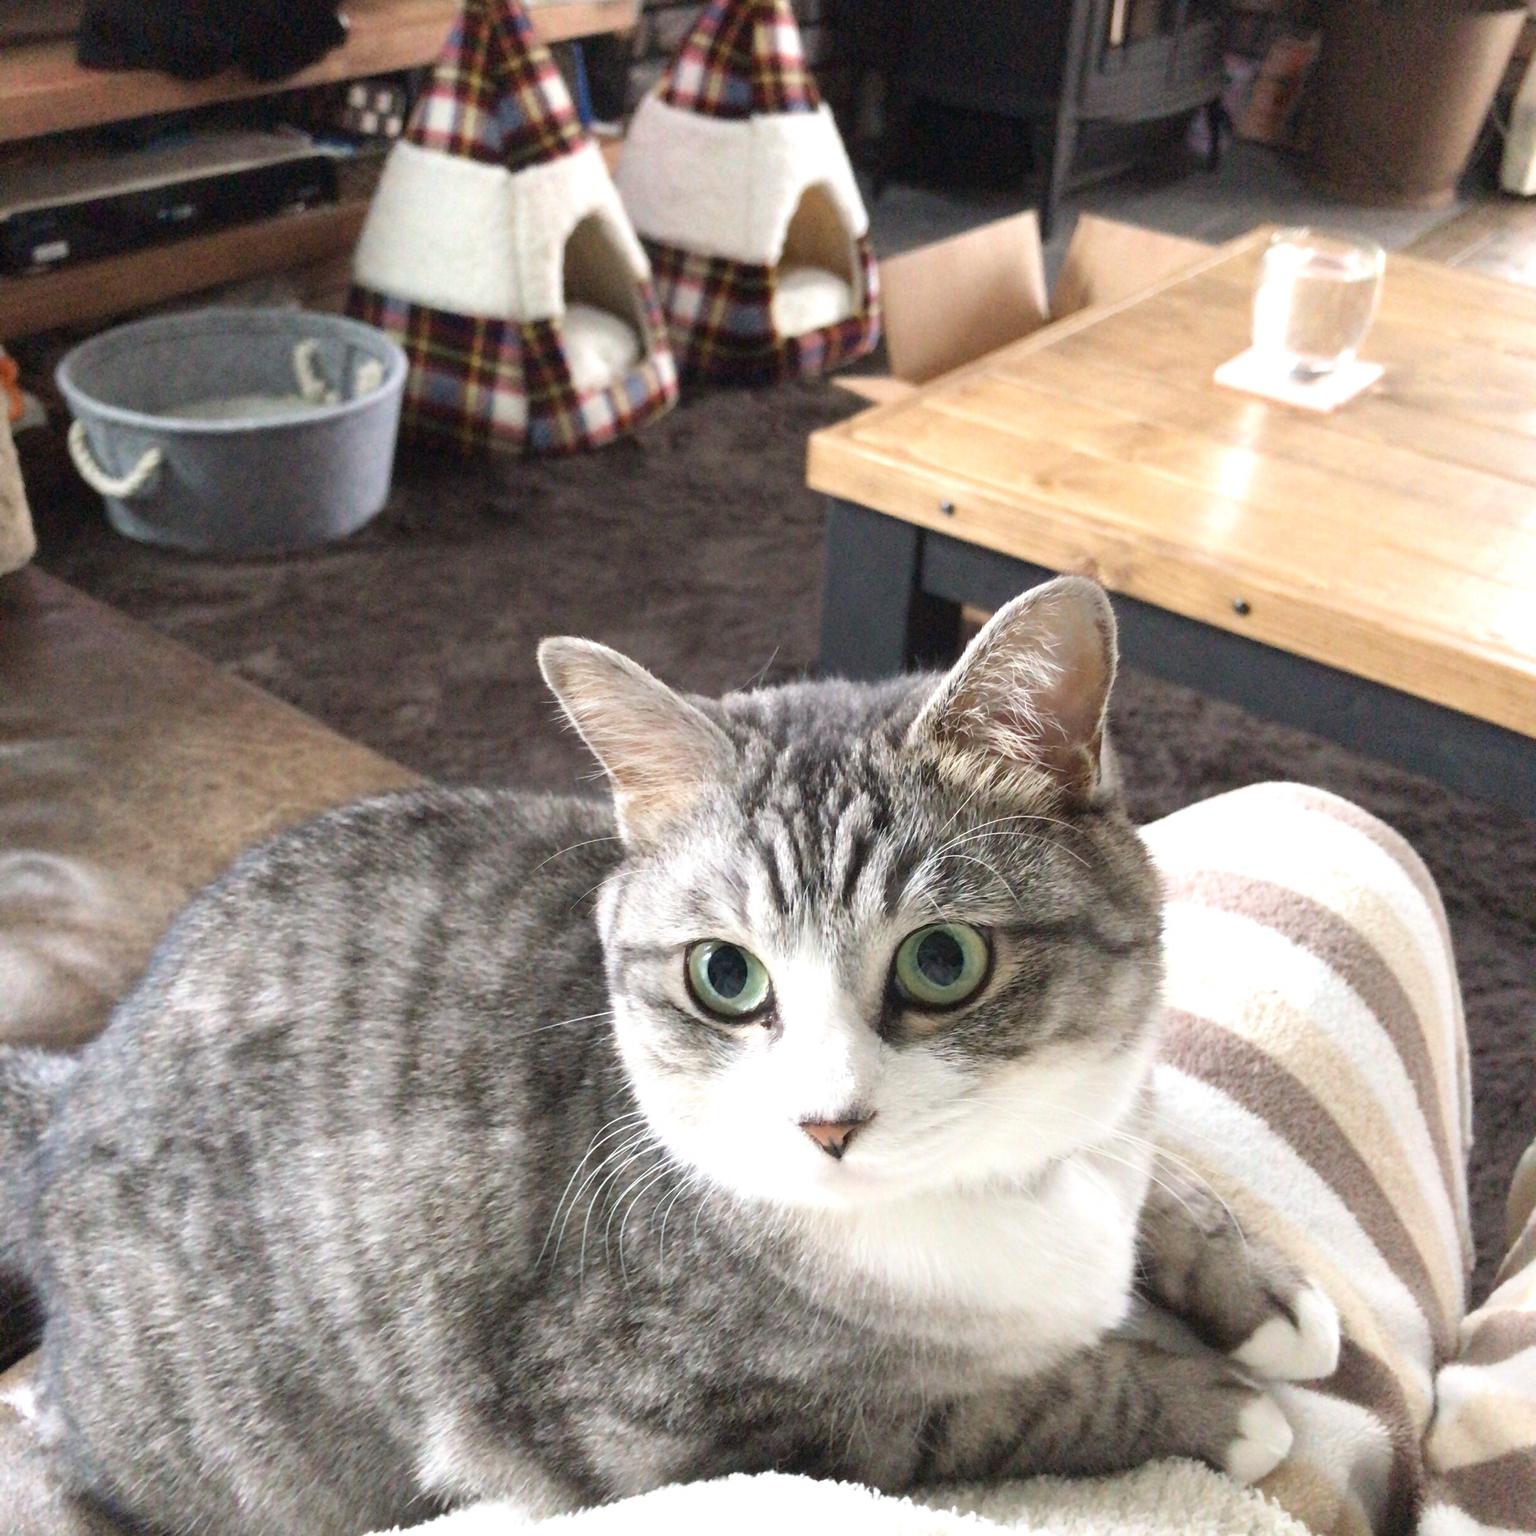 甘える猫/ニコ♀/カフェ風/いいね&フォローありがとうございます☆/猫と暮らす家...などのインテリア実例 - 2021-04-23 12:07:02